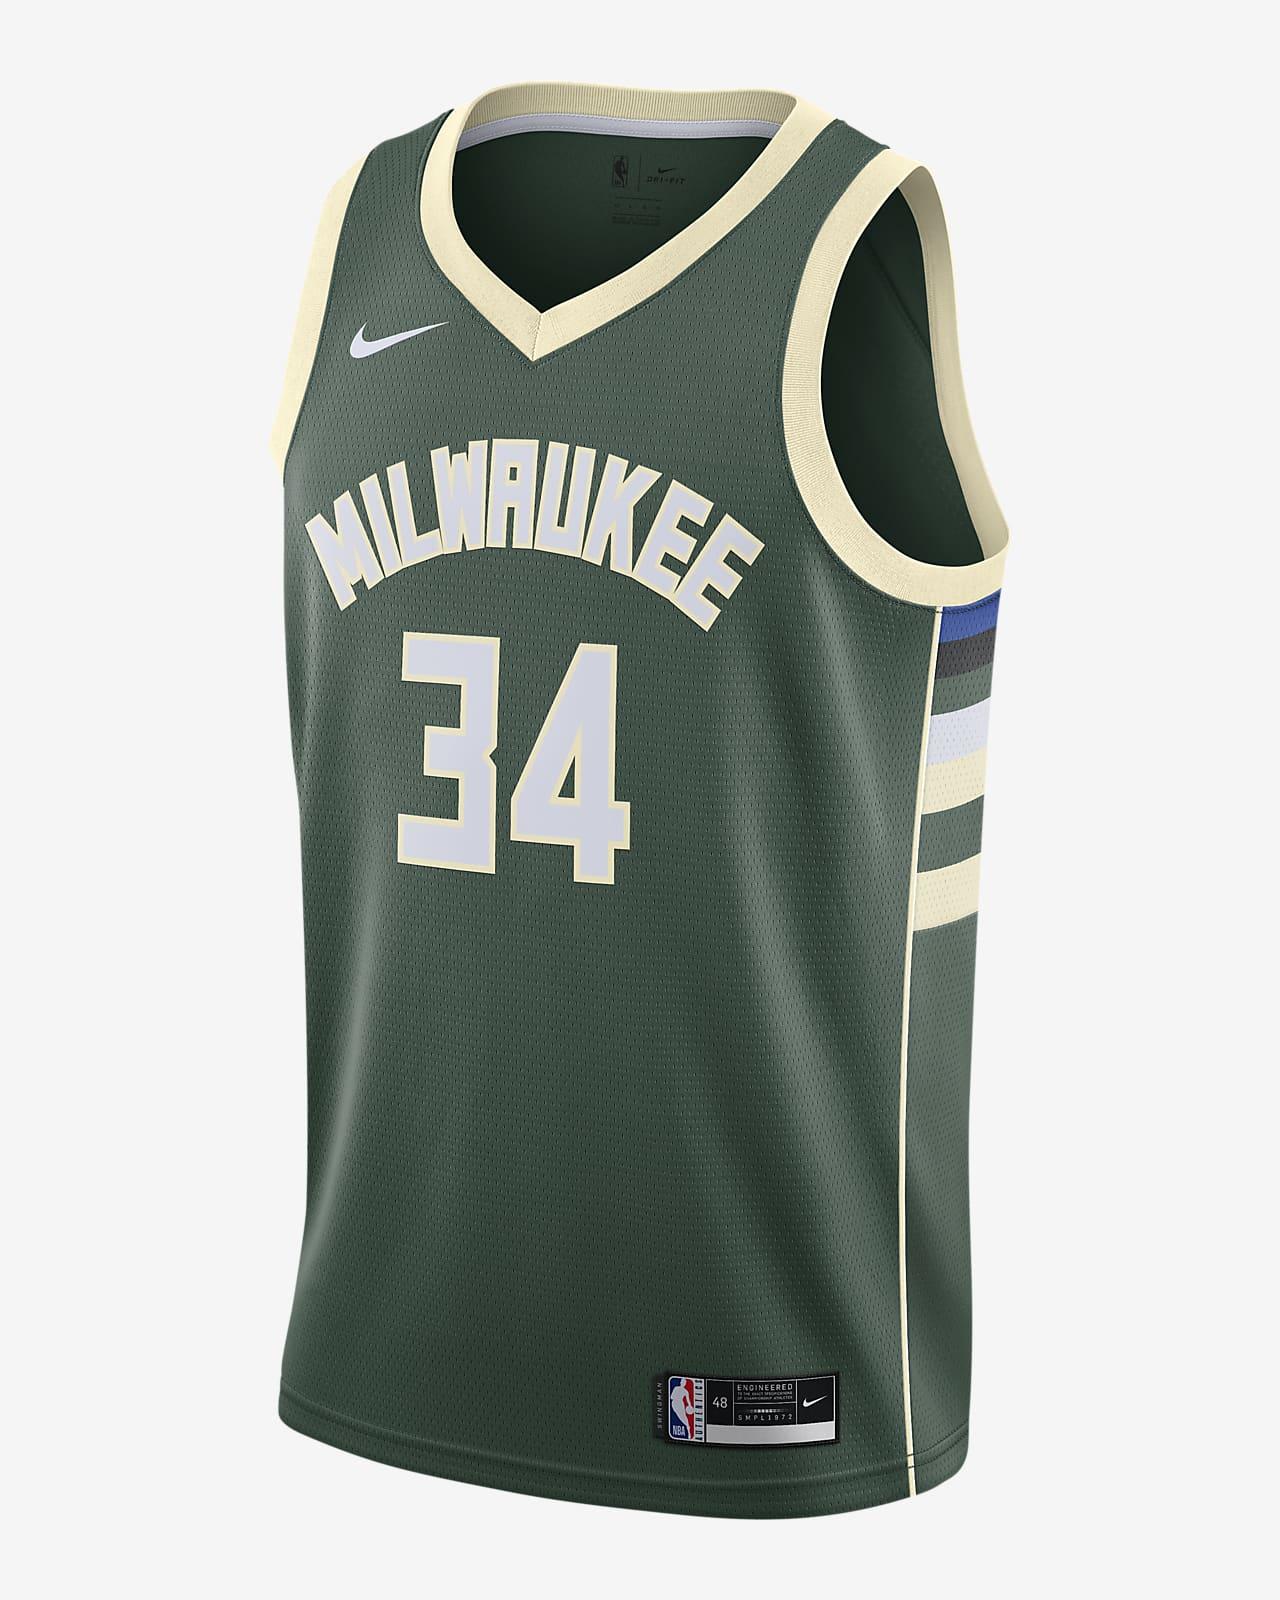 Camisola NBA da Nike Swingman Giannis Antetokounmpo Bucks Icon Edition 2020